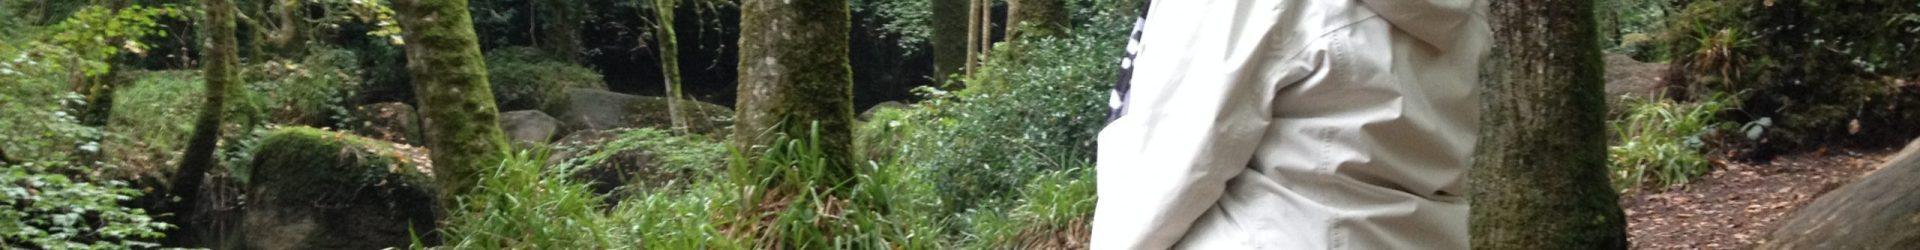 Bain de Forêt dans la Forêt de Huelgoat